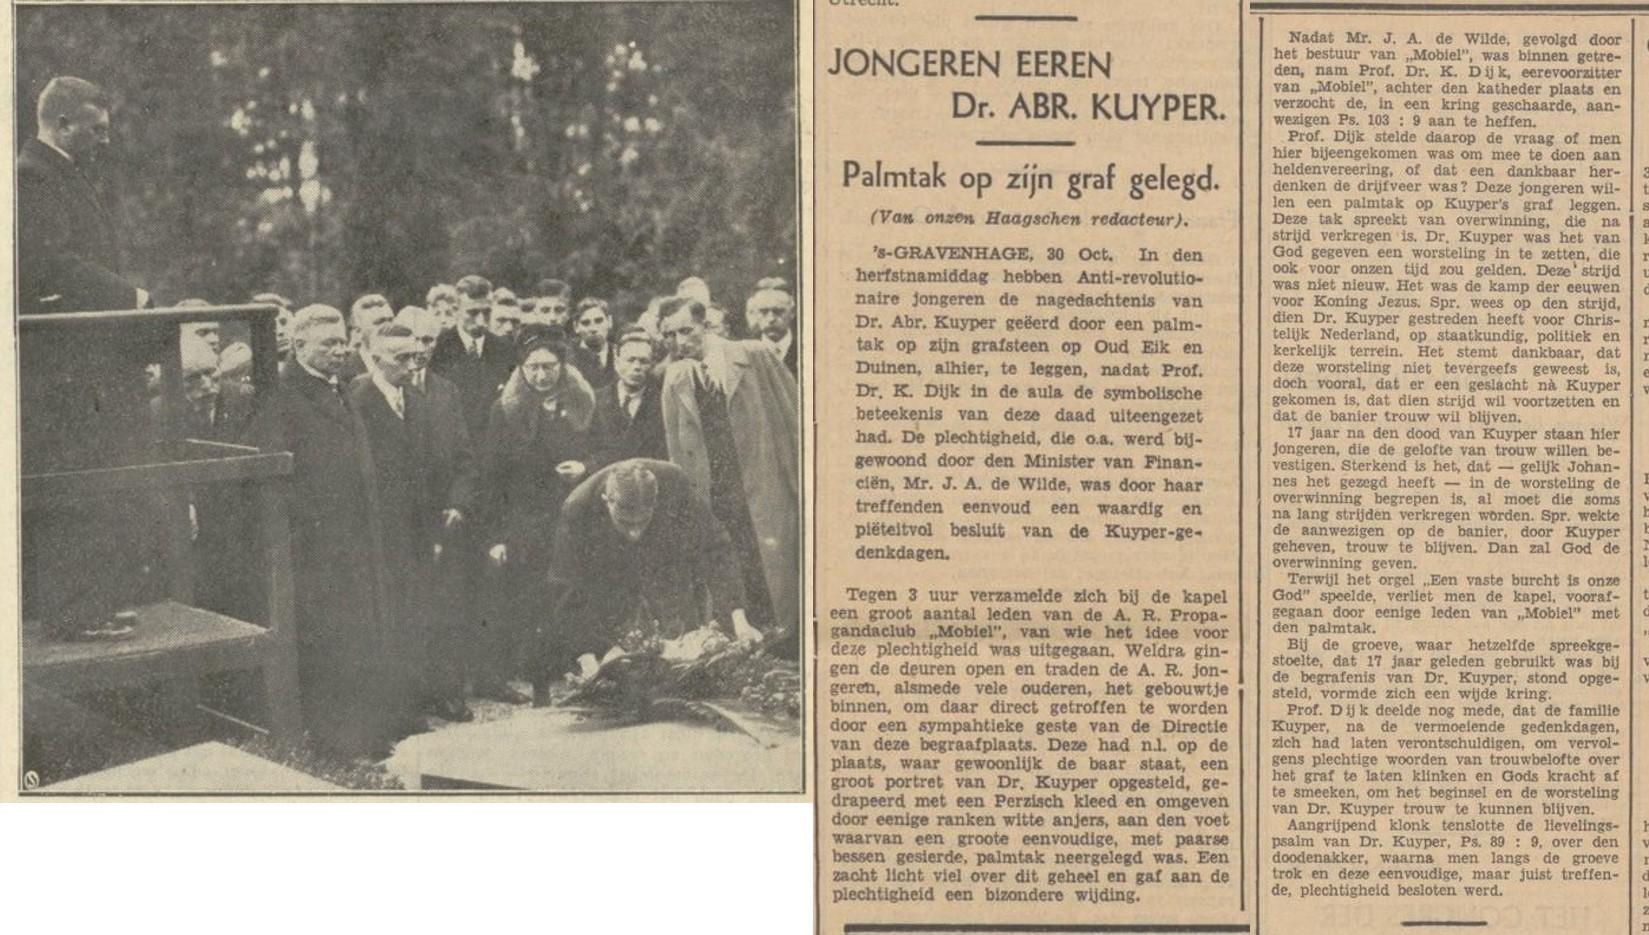 Krantenverslag Kuyper-herdenking 1937. Uit: De Standaard, 1 november 1937.